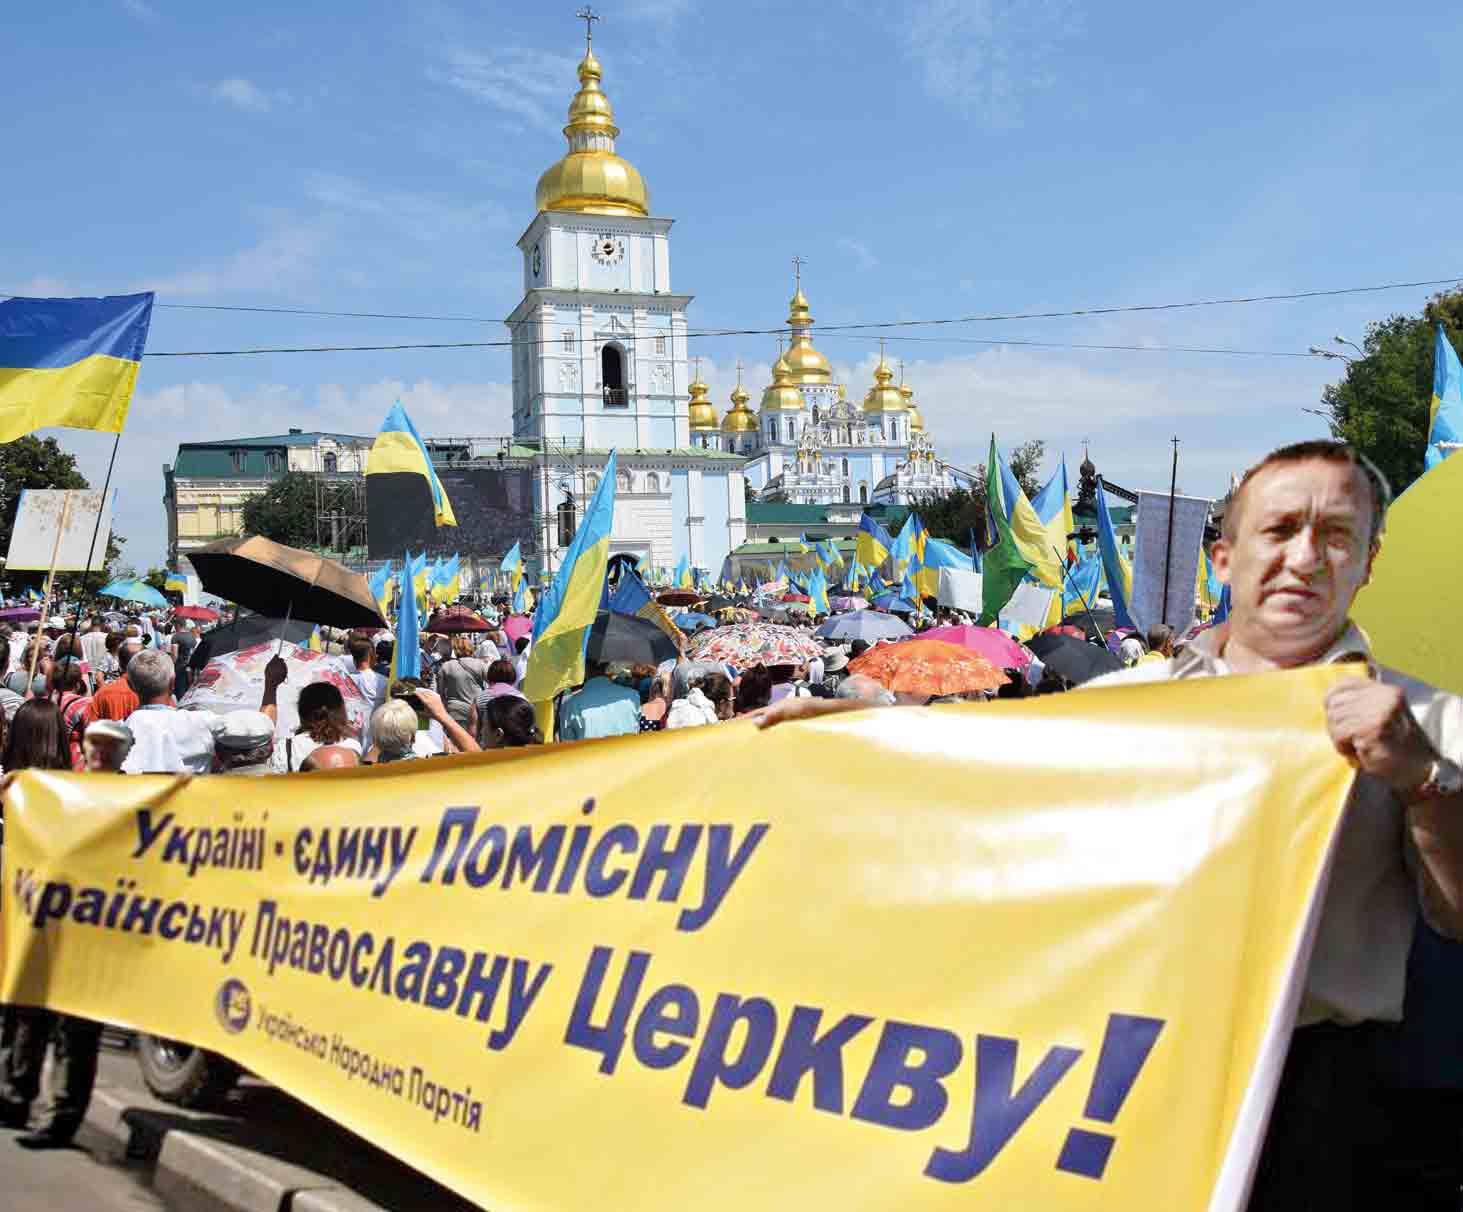 Проти створення помісної церкви у Вінниці намагались випустити анкети. Хто на Вінниччині став на бік України, а хто і далі за філіал Московського патріархату?